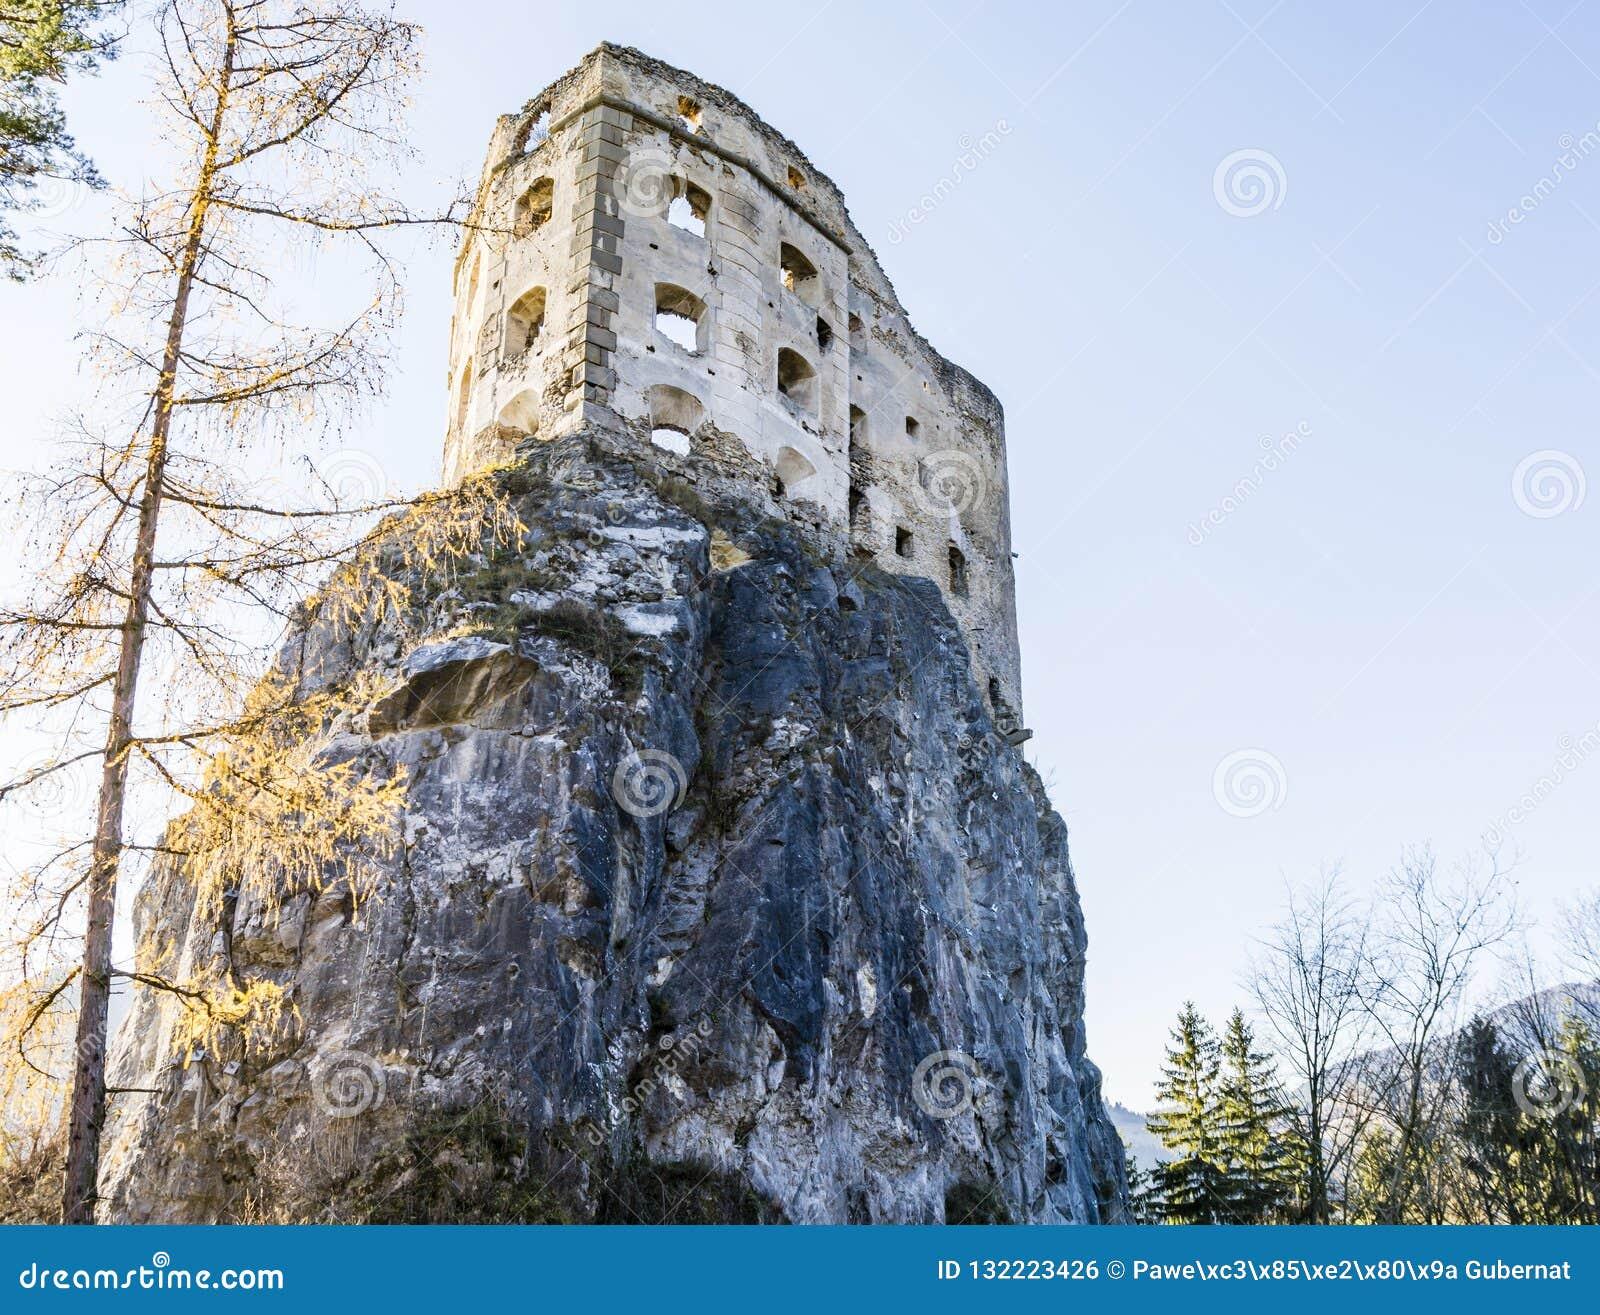 Likava皇家城堡-堡垒的被毁坏的墙壁岩石的